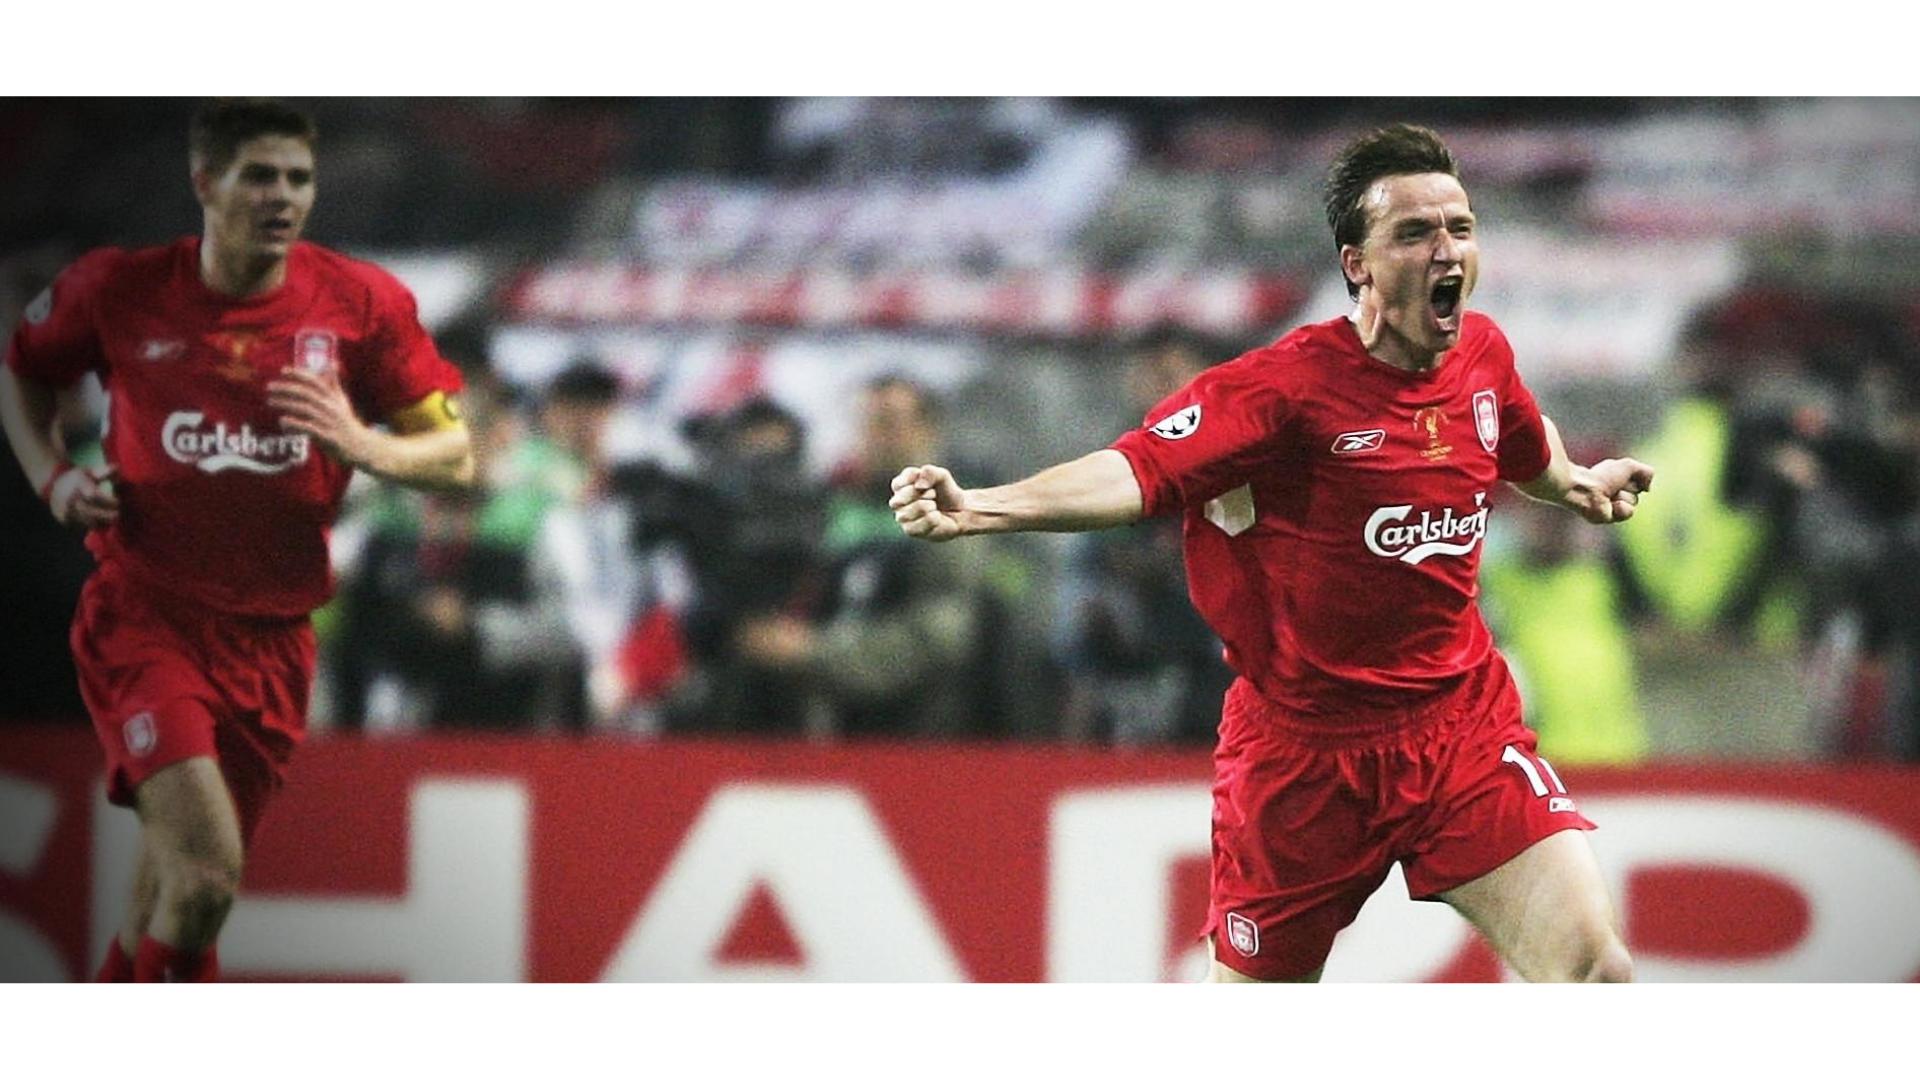 2005 şampiyonlar ligi finali esnasında yaşanılan gol sevincine ait bir görsel.